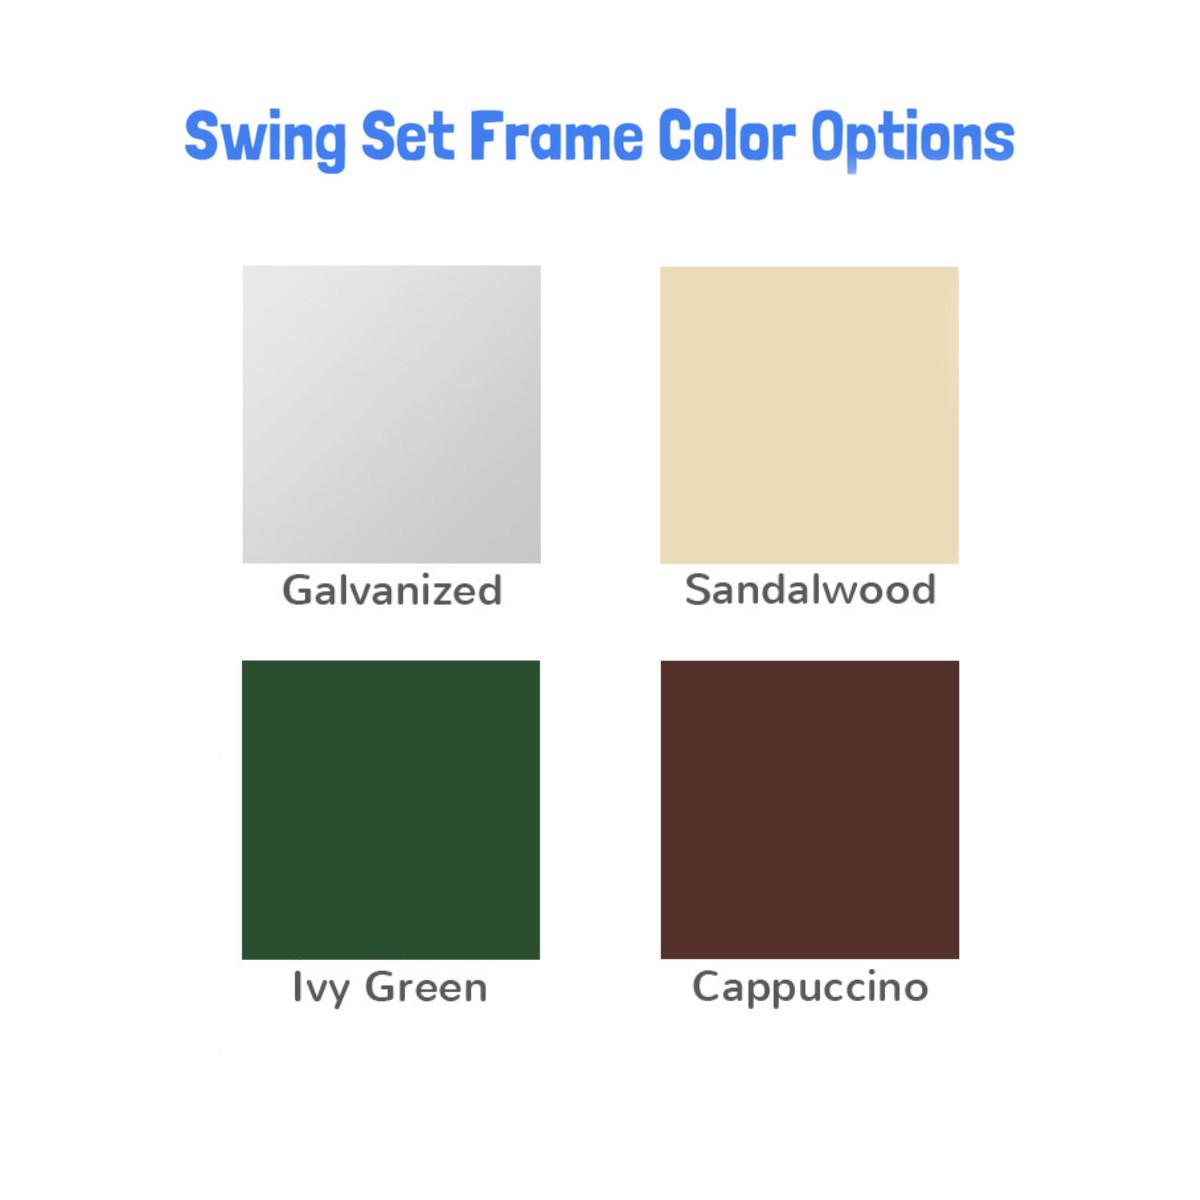 Swing Set Frame Color Chart